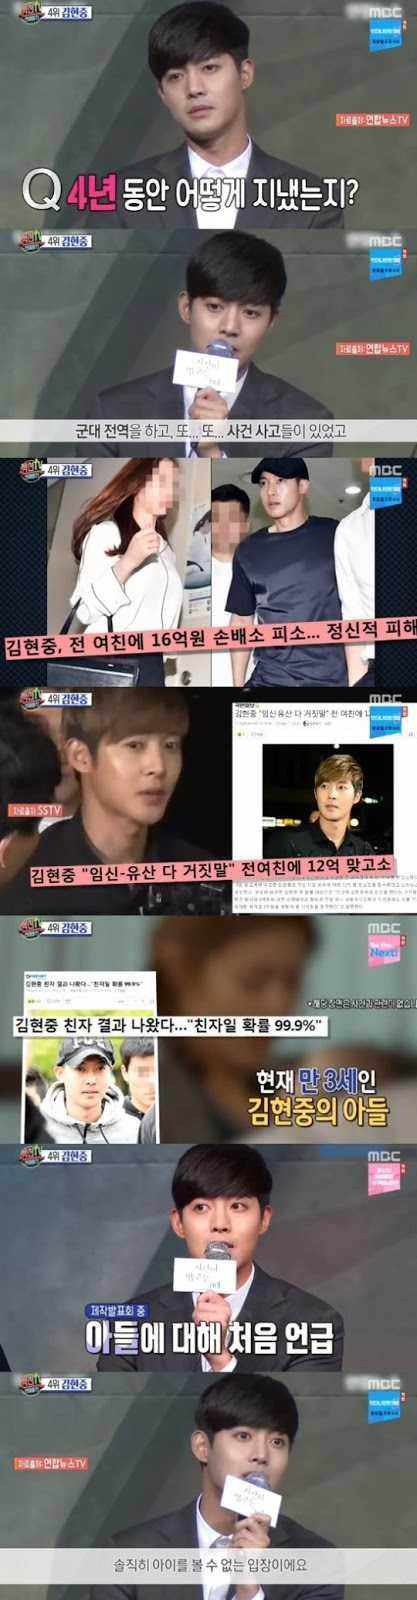 Kim Hyun Joong oğlunu göremediğini itiraf etti